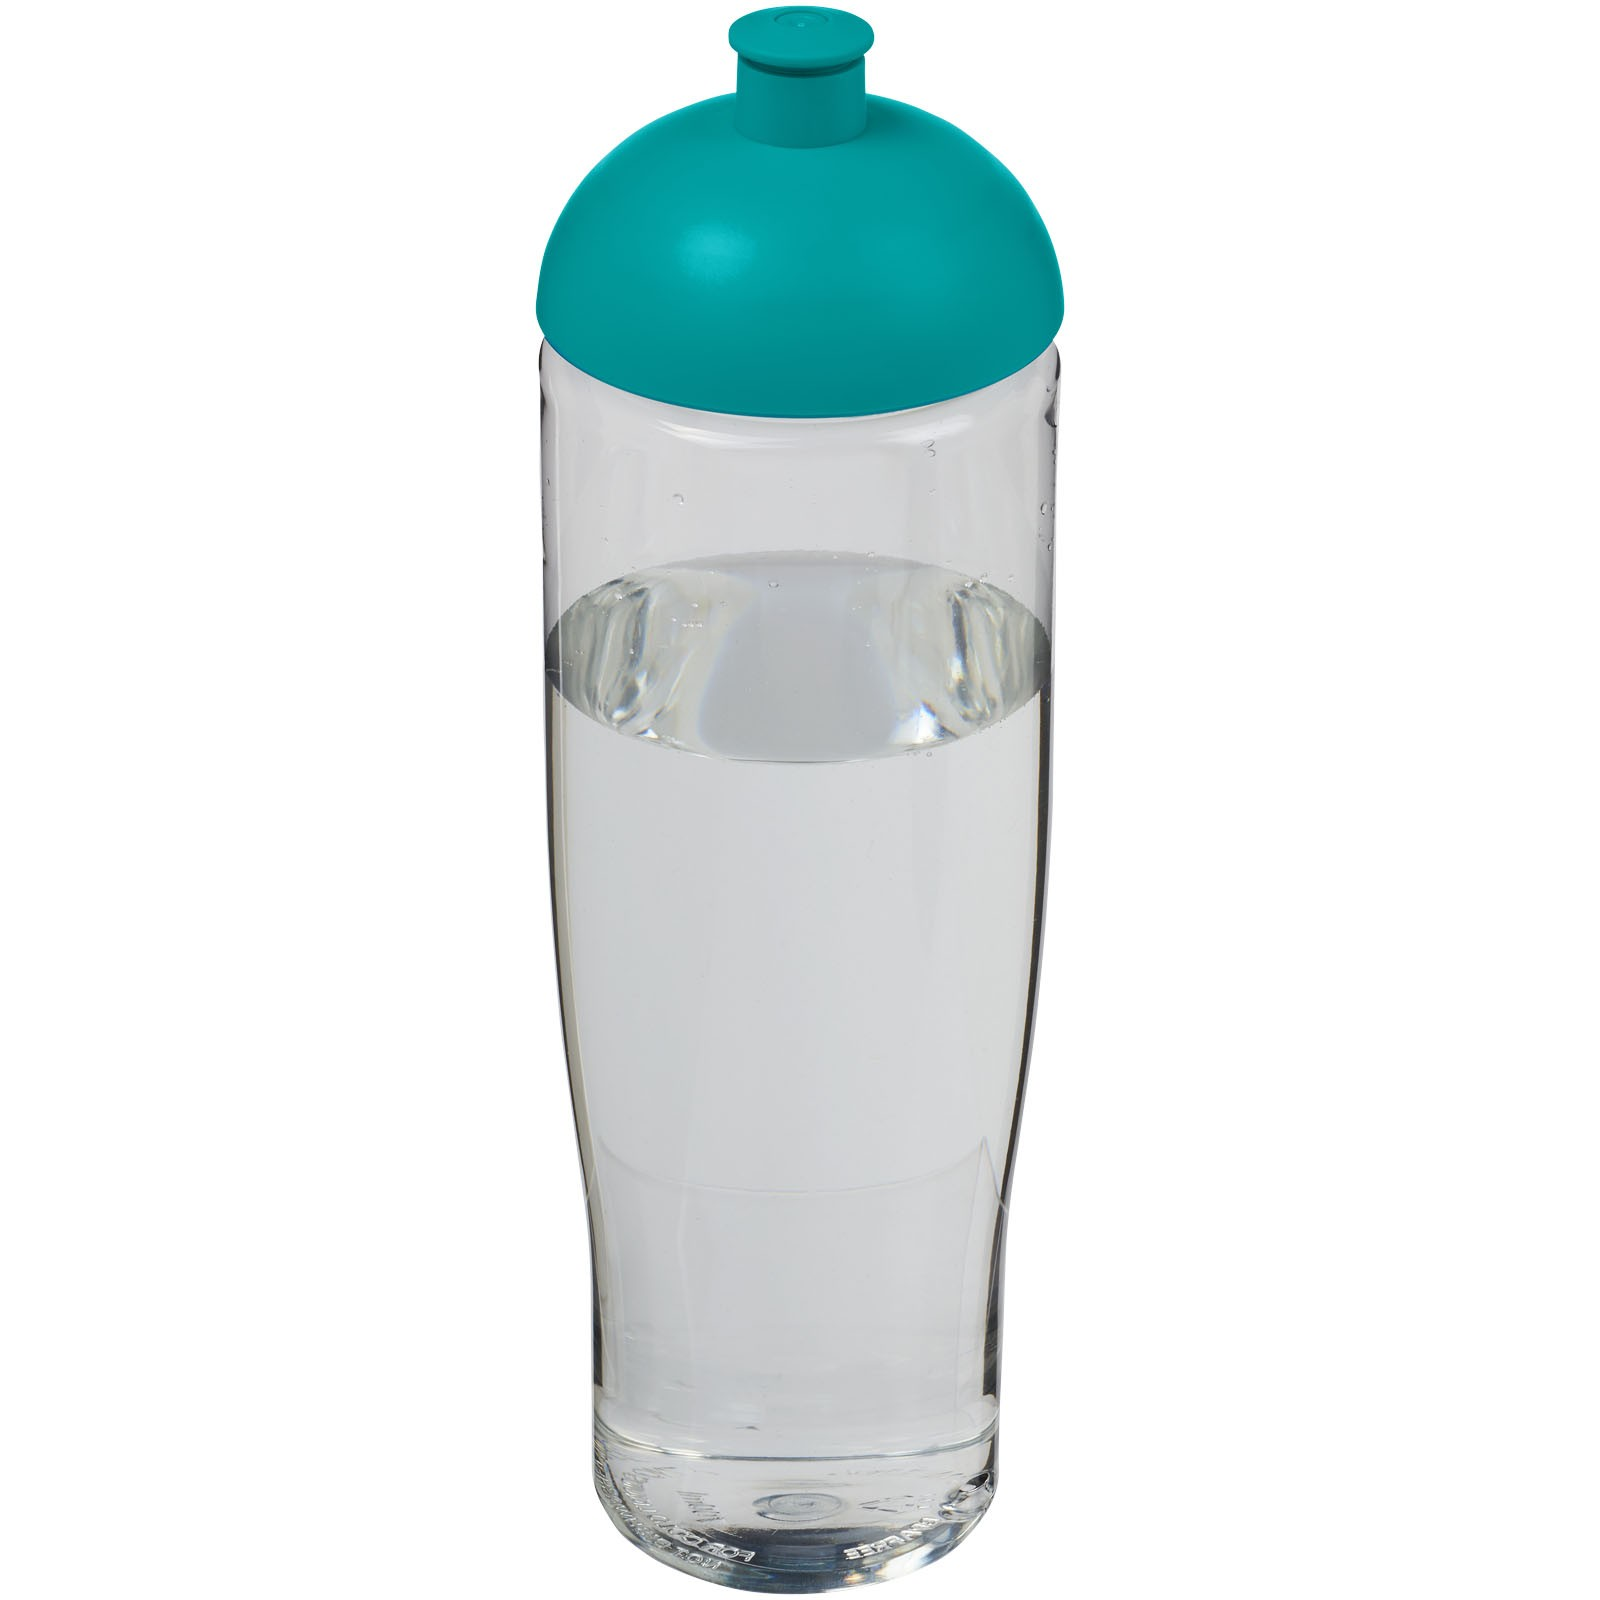 H2O Tempo® Bidón deportivo con Tapa Dome de 700 ml - Transparente / Azul aqua